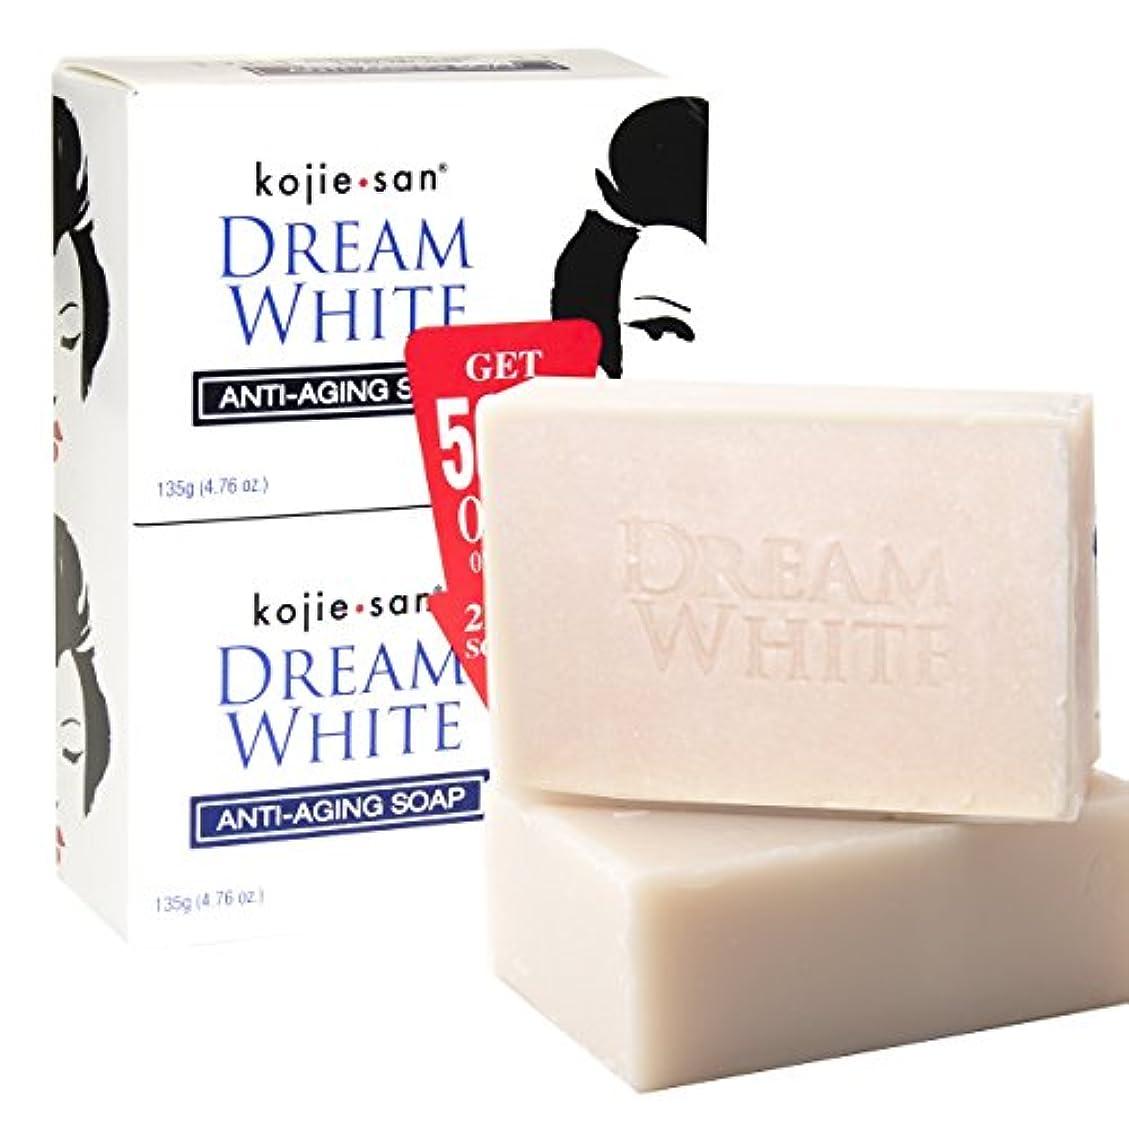 透ける不確実付与kojie san DREAM WHITE Soap 135g × 2個 ホワイトニングソープ